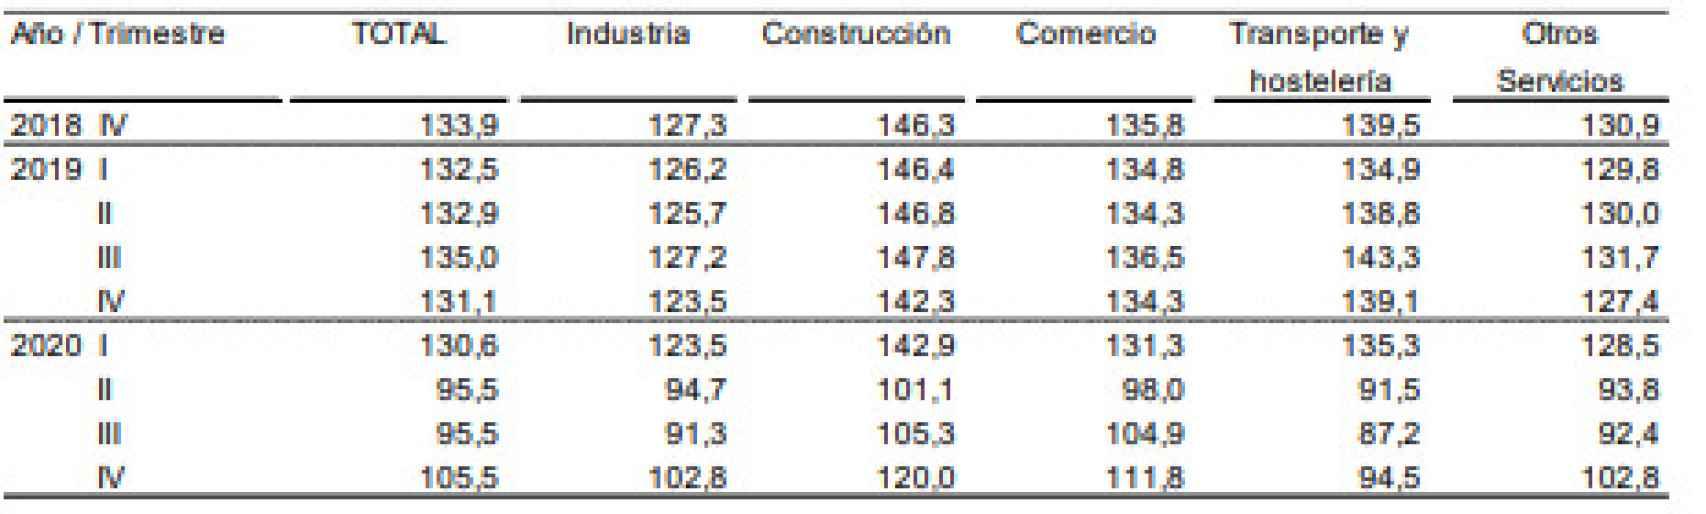 Índice de Confianza Empresarial Armonizado del cuatro trimestre.